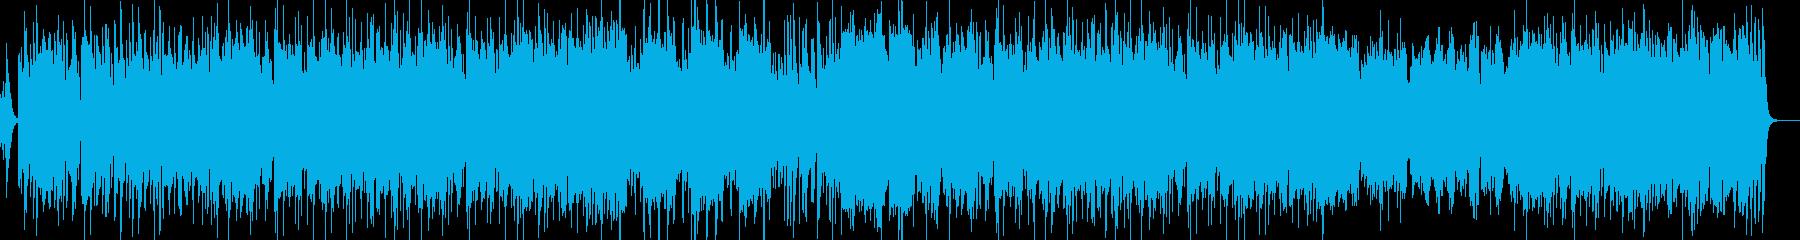 和風オーケストラ姫様京都旅曲 の再生済みの波形